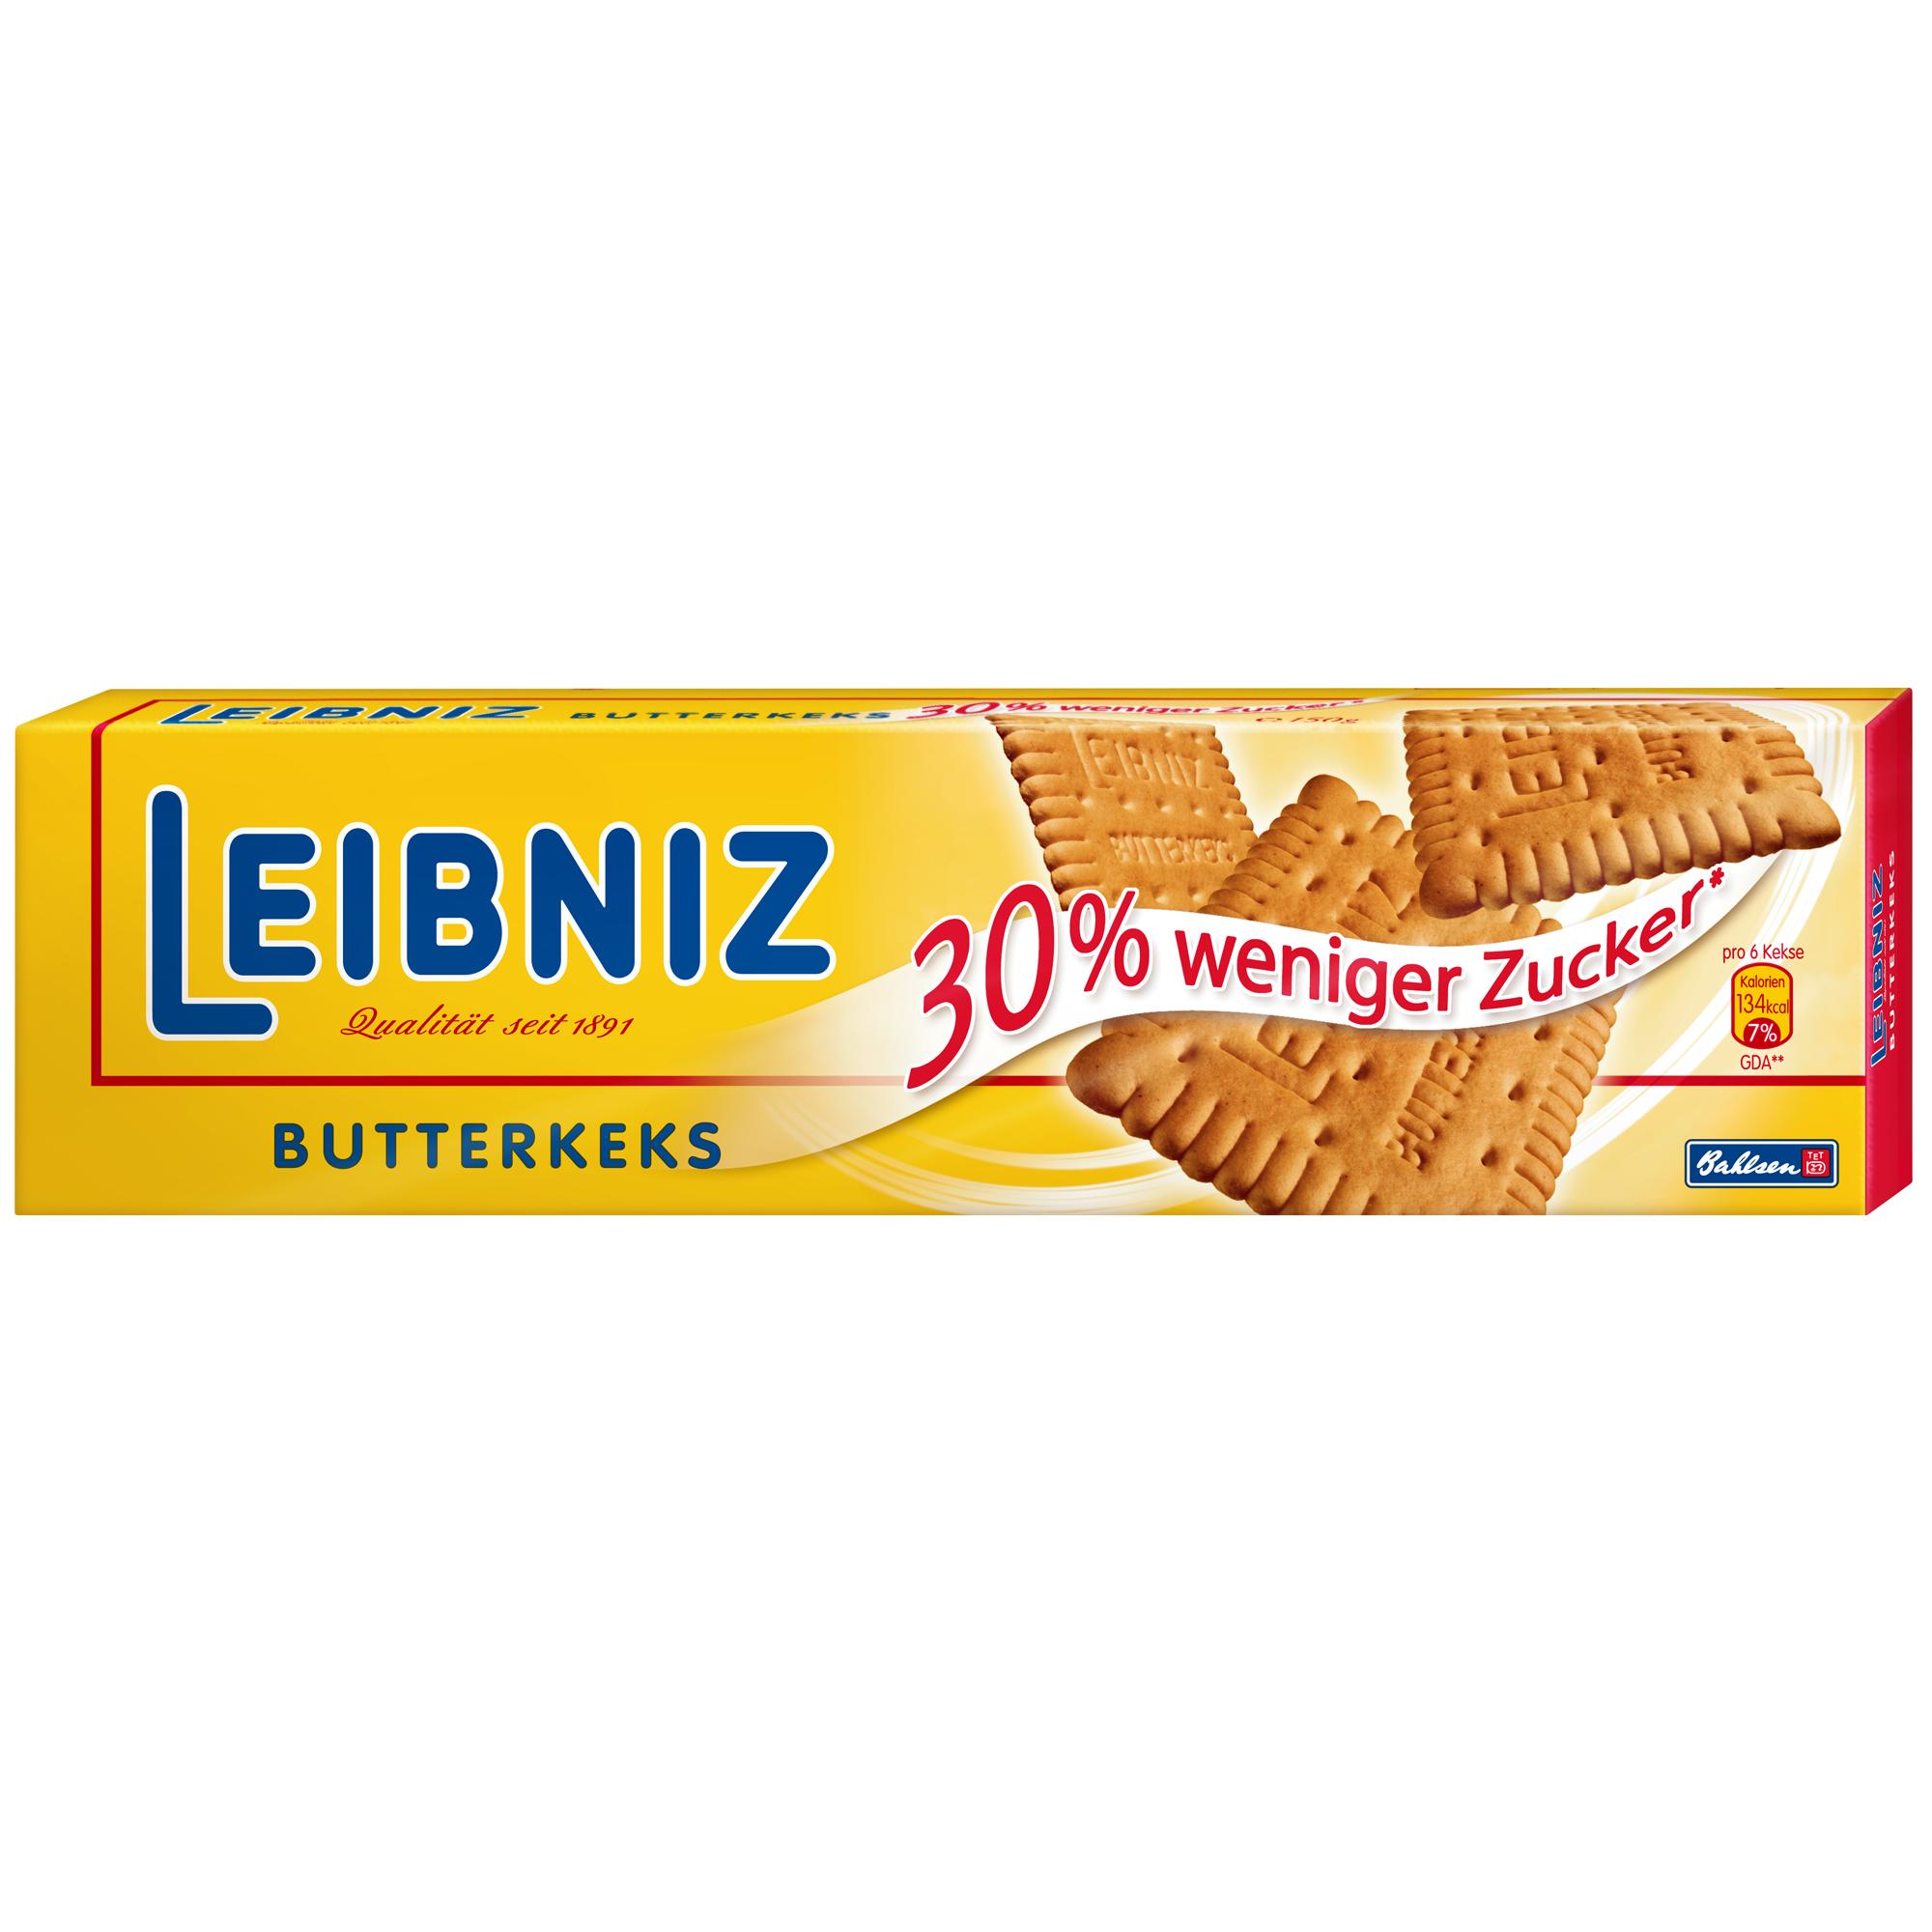 Leibniz Butterkeks 30% weniger Zucker | Online kaufen im World of ...